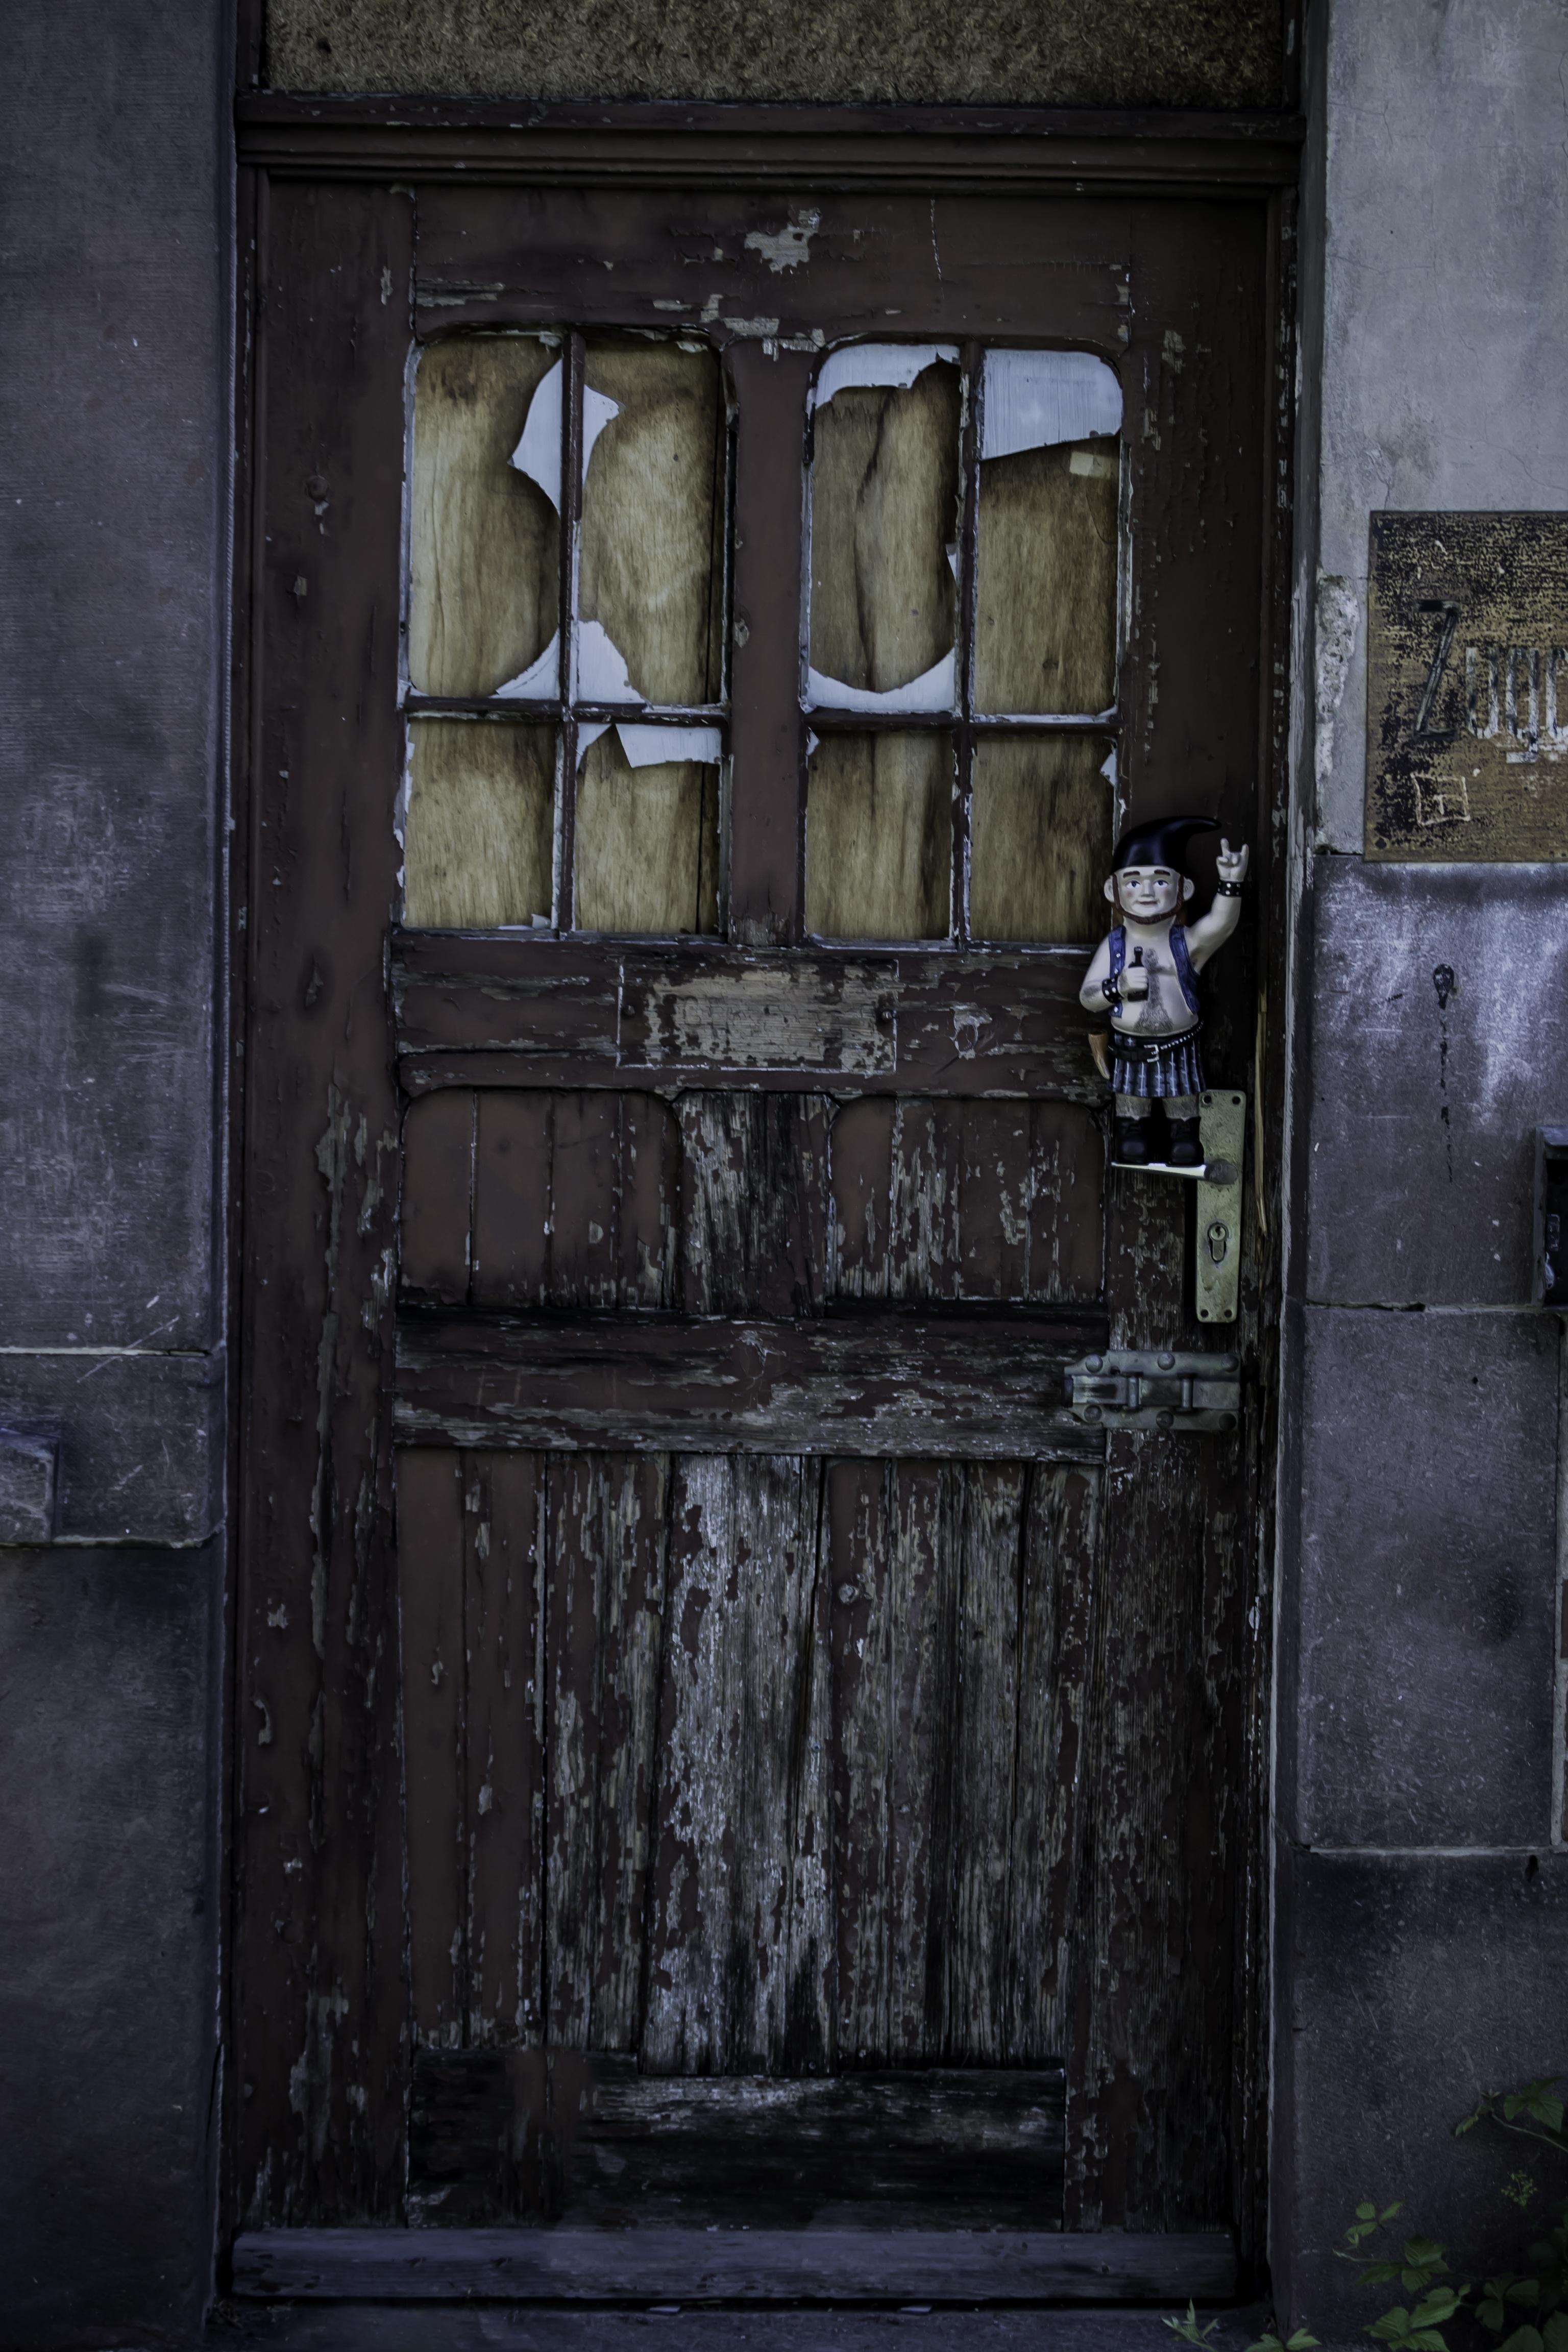 заброшенный дом и открытая дверь фото человек положил